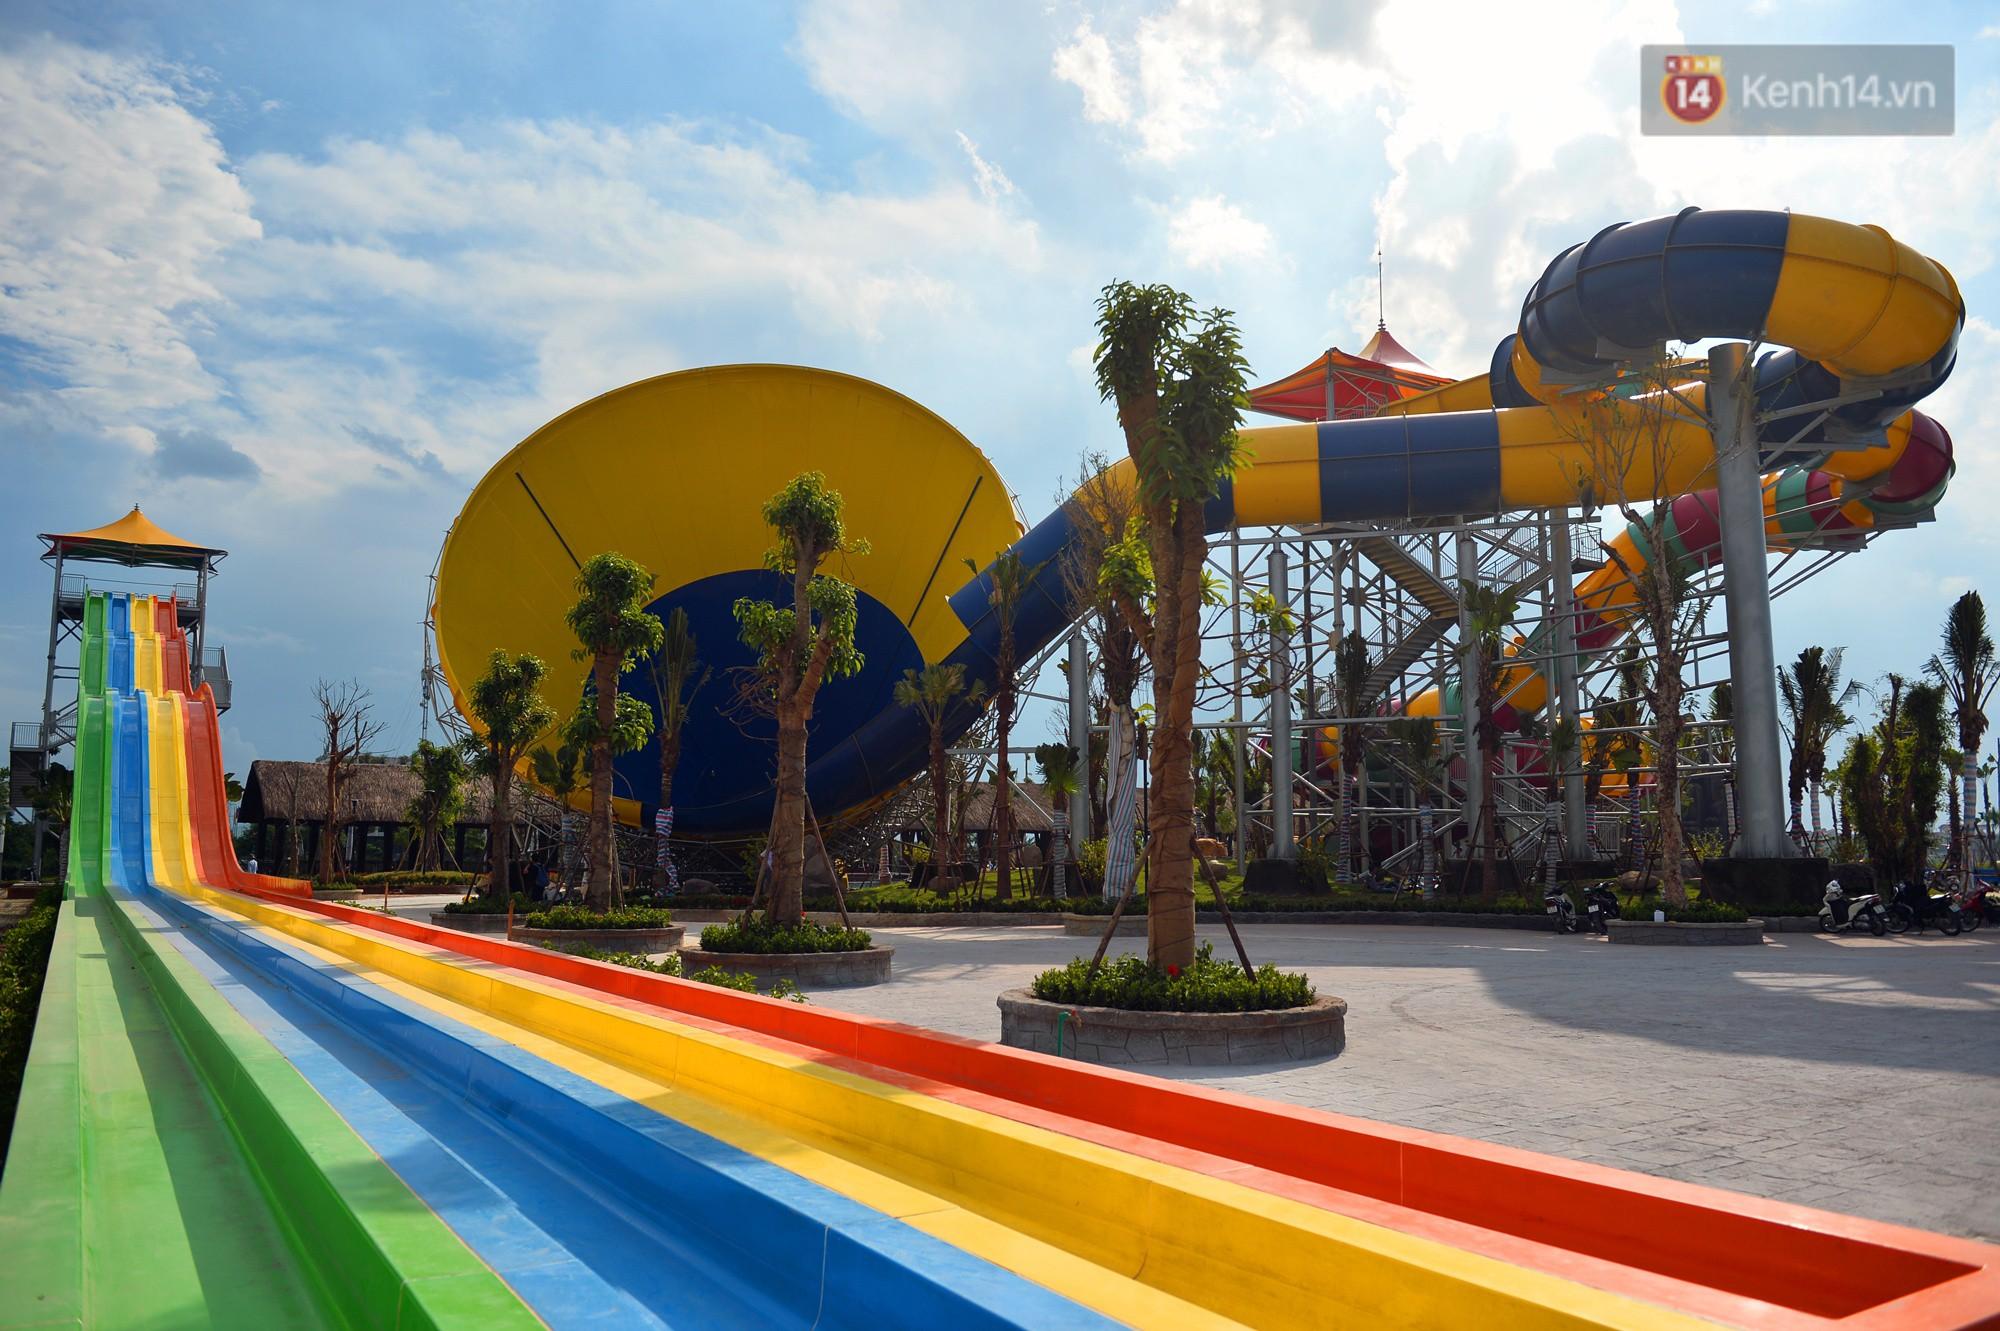 Cận cảnh công viên nước hiện đại nhất Thủ đô sắp được khai trương - Ảnh 11.